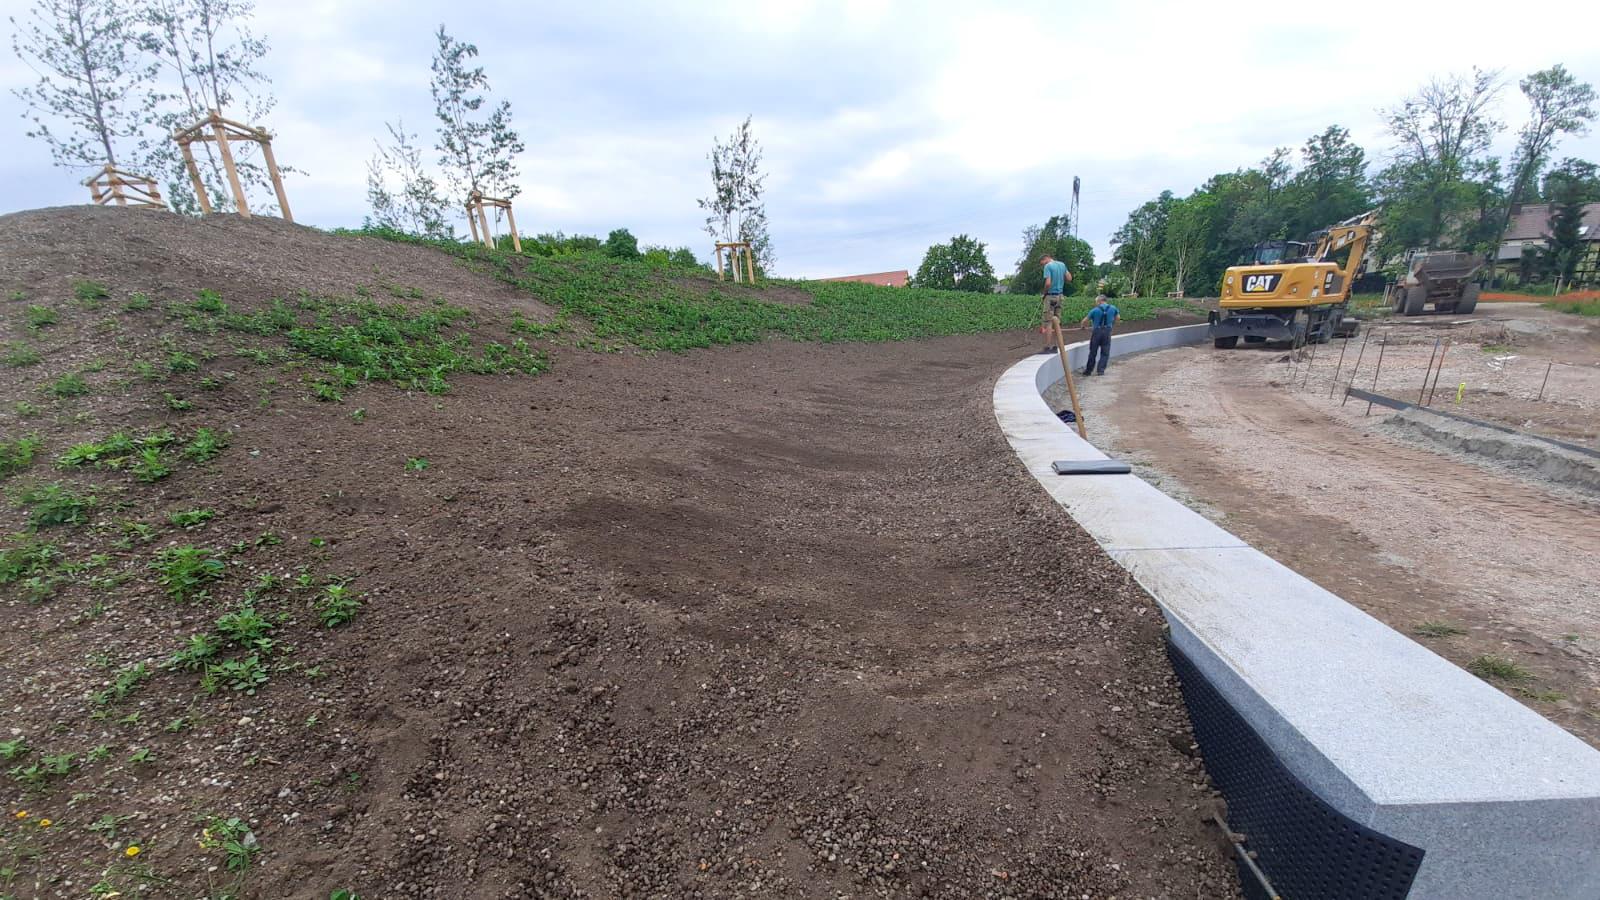 Baustelle BUGA Erfurt- die Naturstein Sitzelemente aus belgrano® Granit werden eingebaut